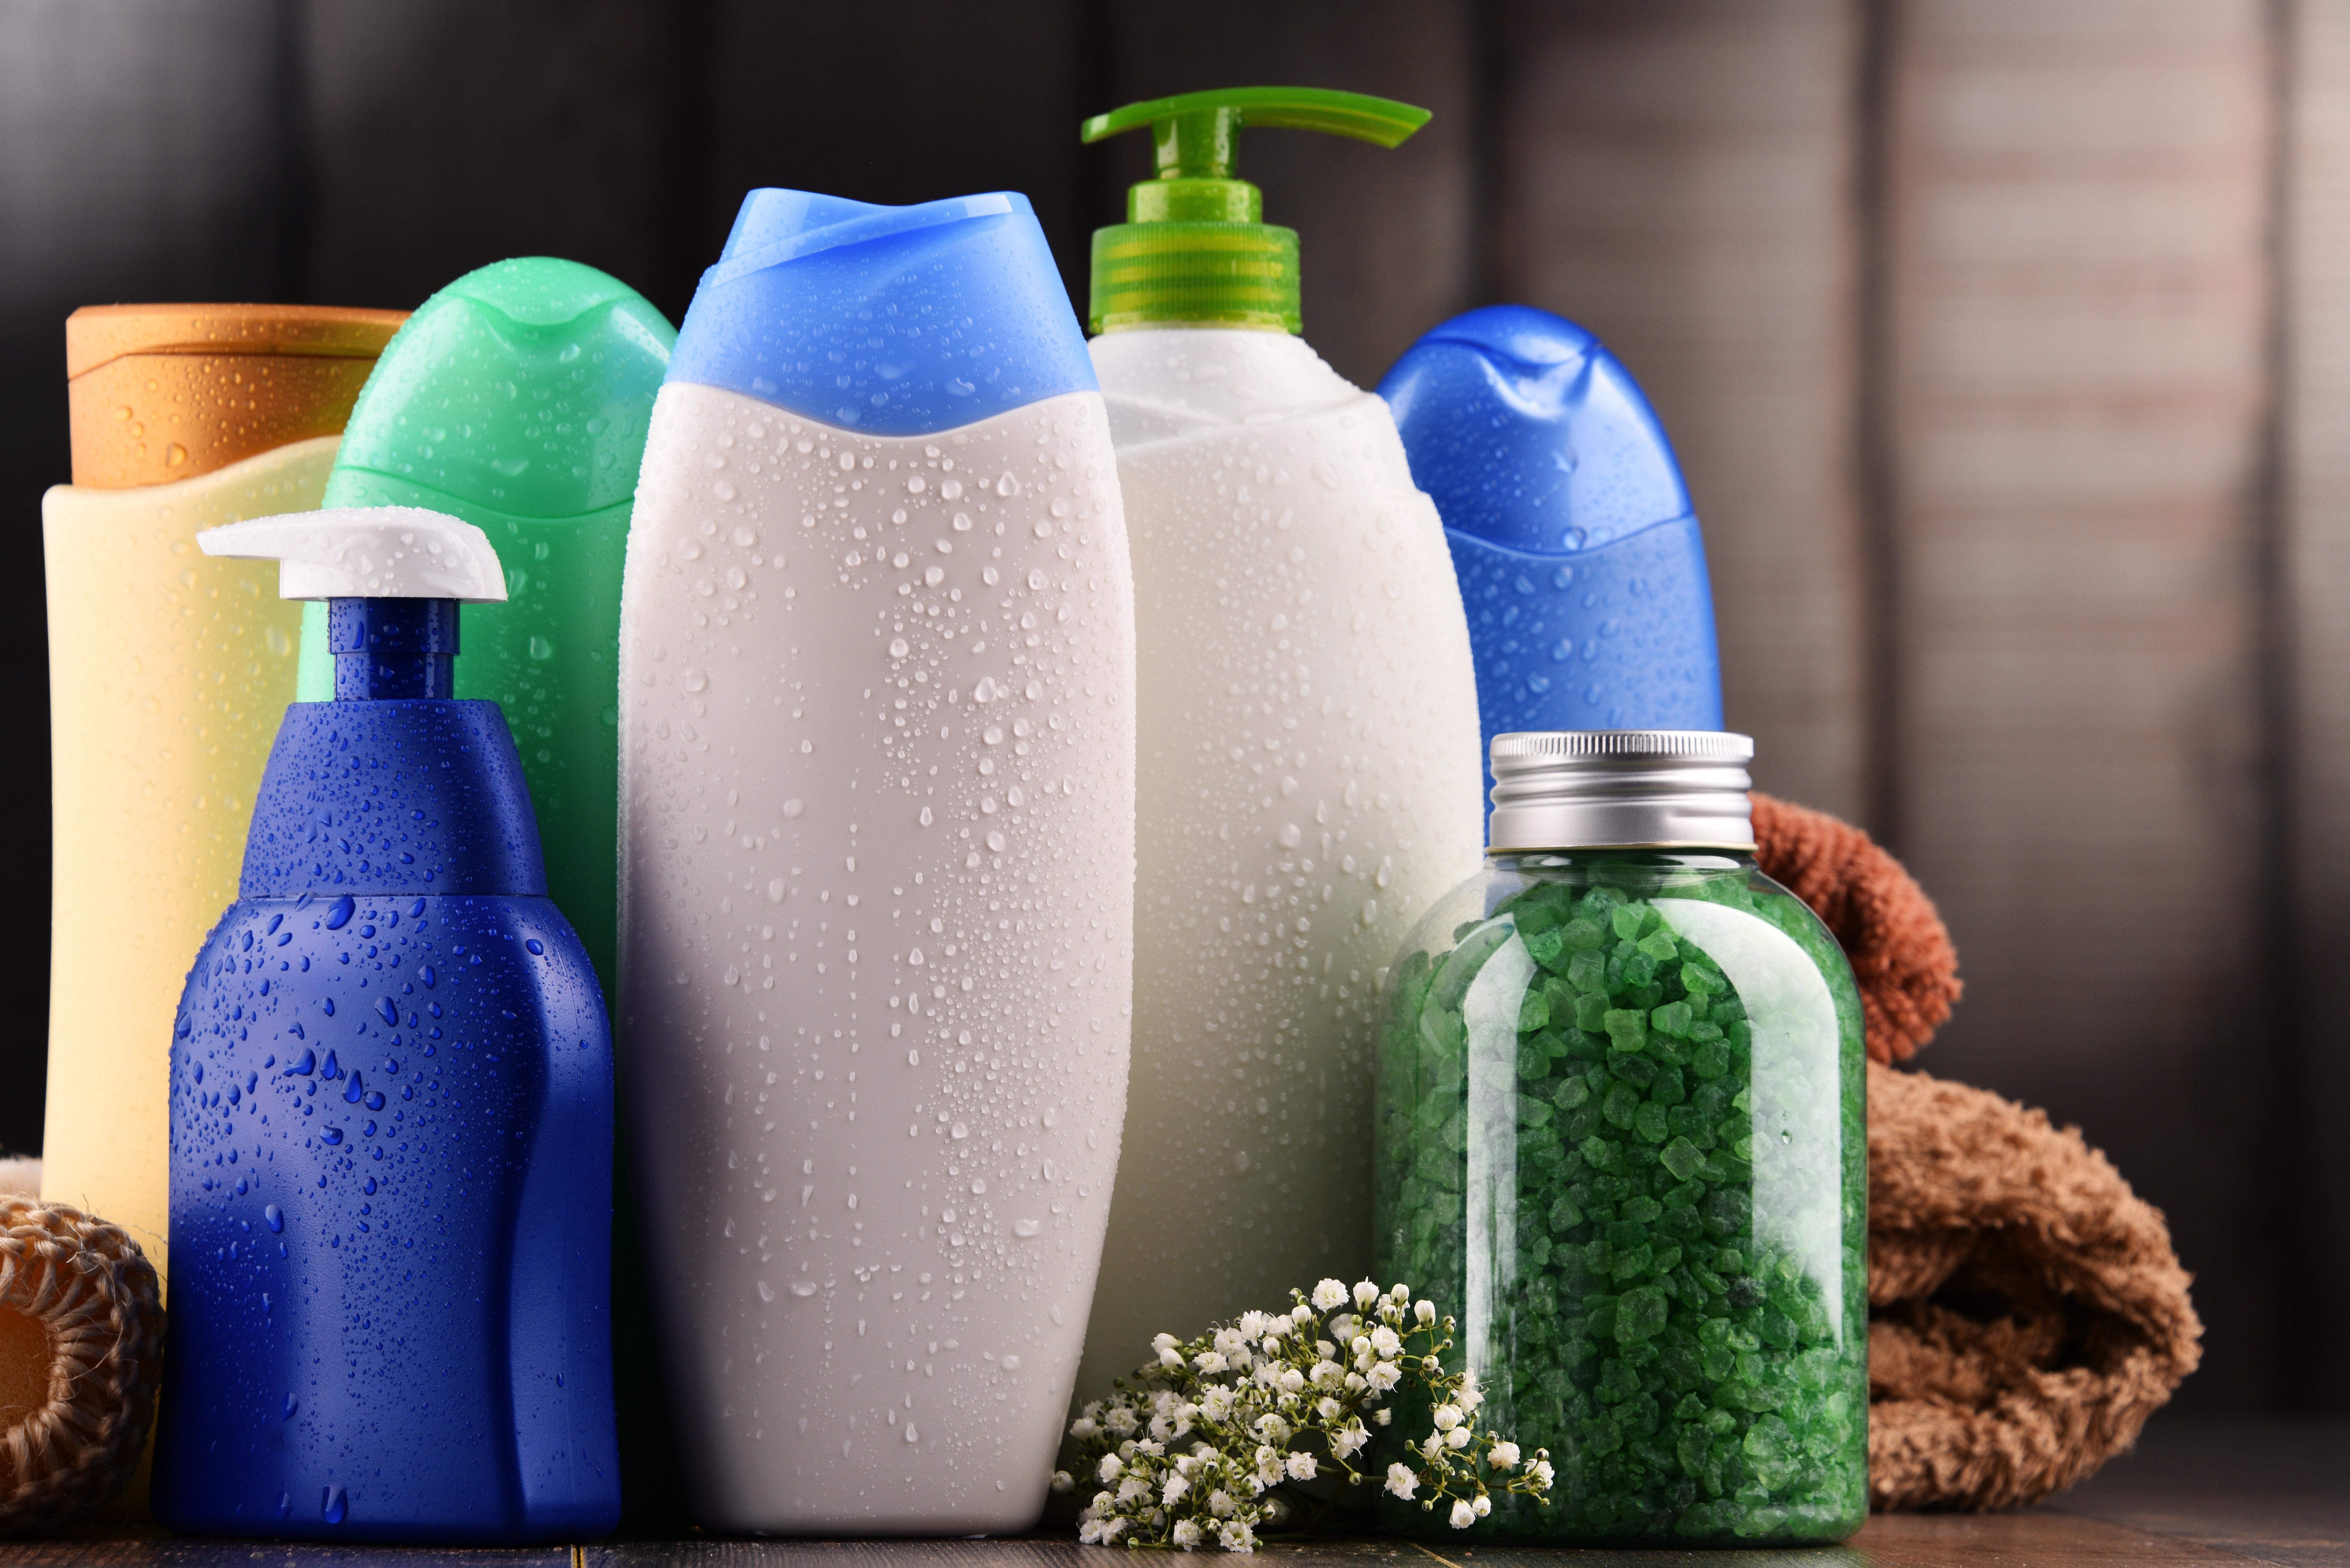 유해화학물질이 든 53개 제품이